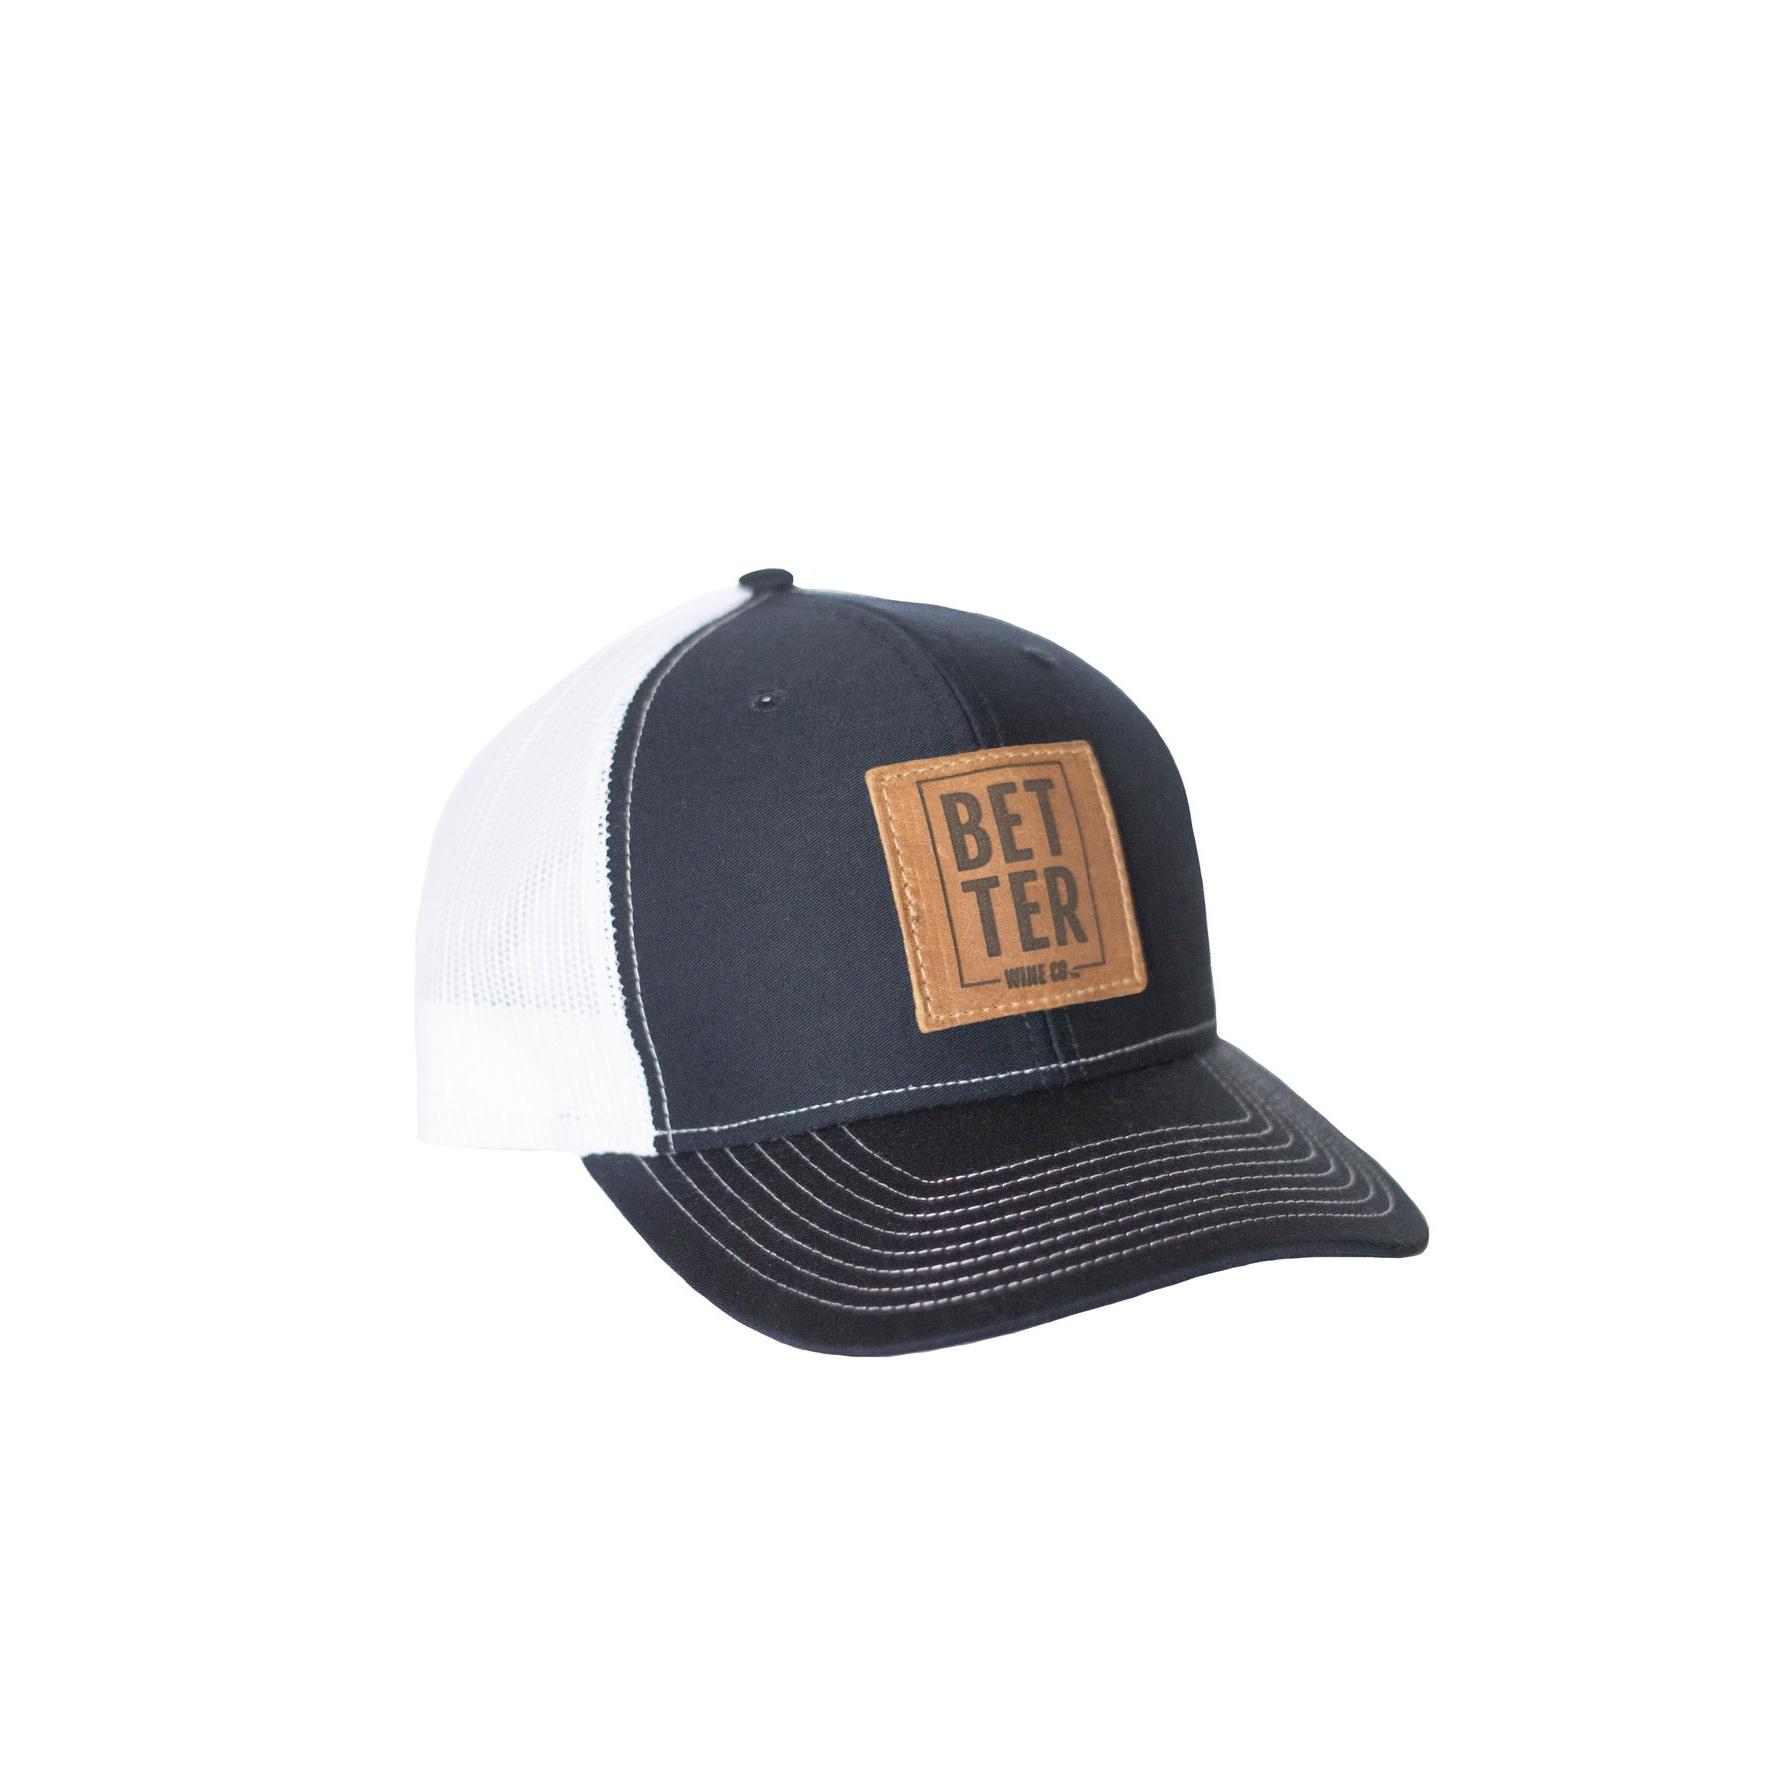 Snap Back Trucker Hat   25.00